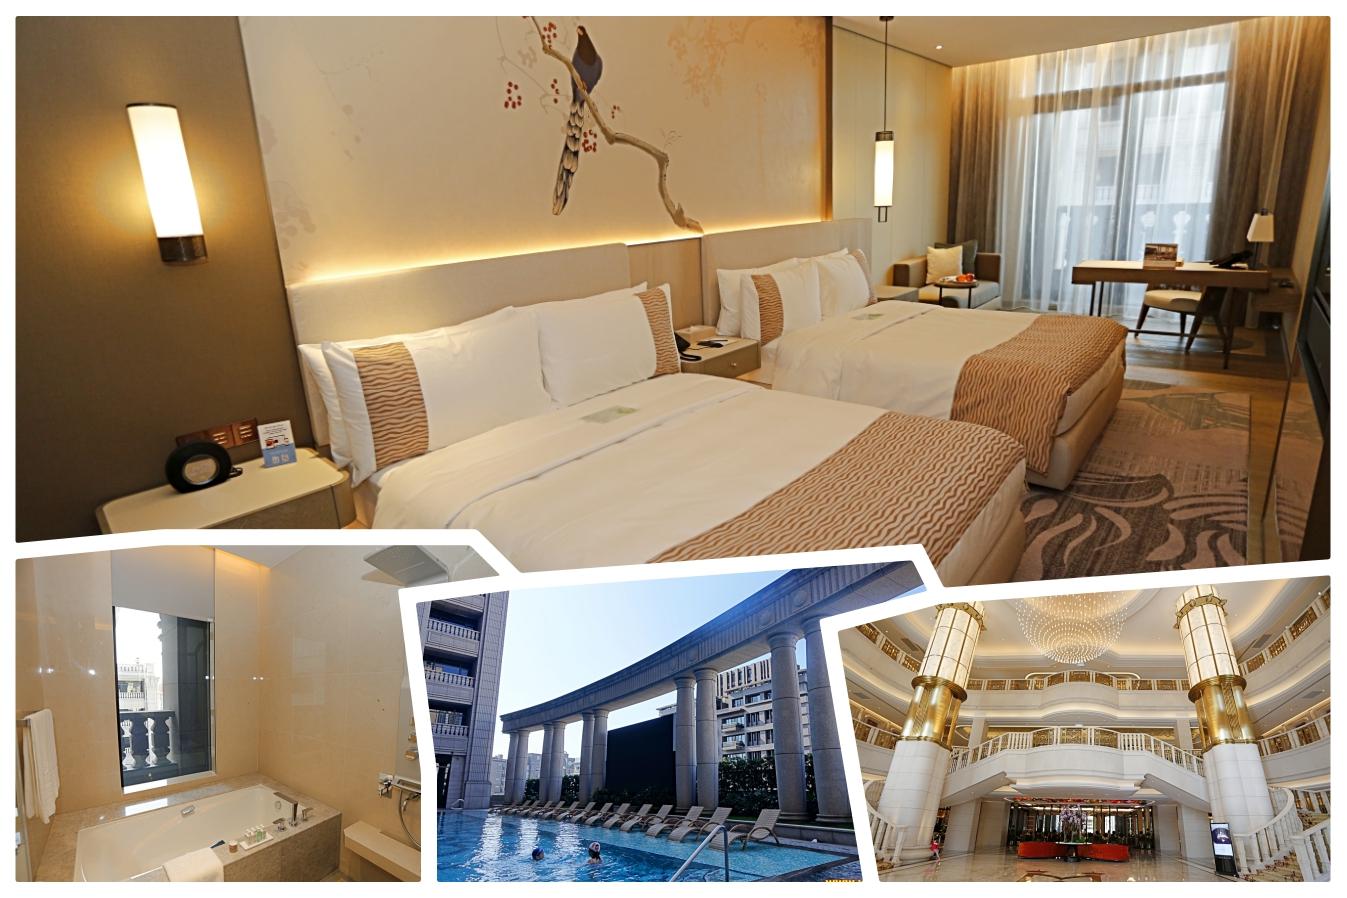 延伸閱讀:[台北.住宿]台北美福飯店(Grand Mayfull Hotel Taipei)~台北大直河畔優質飯店推薦.享受入住奢華感受